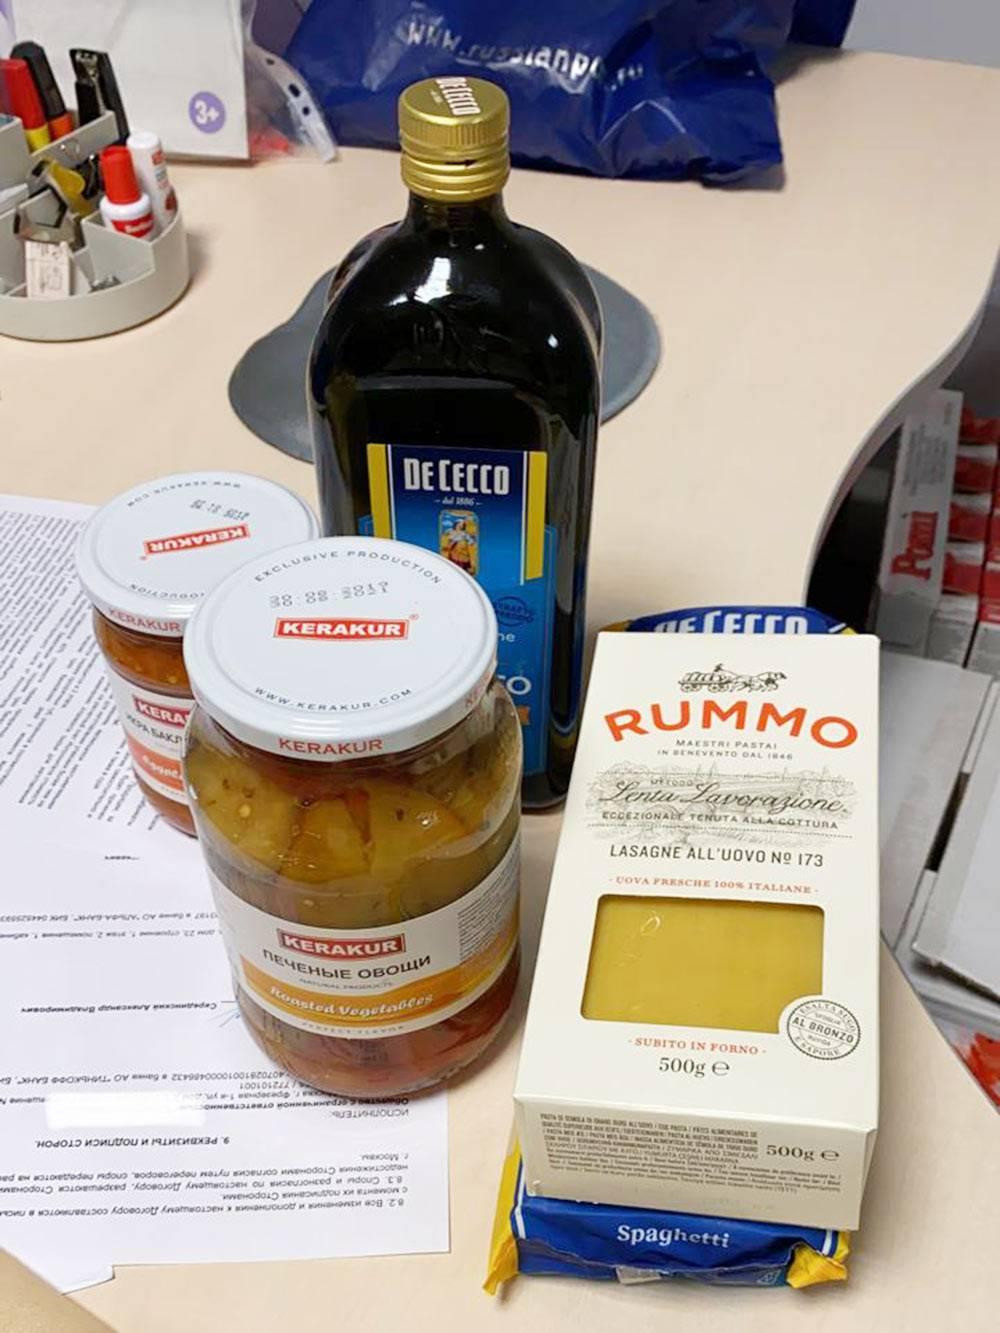 Набор продуктов для«лазаньи»: пласты, оливковое масло, кавурма и протертые помидоры. Консервированные овощи — в качестве гарнира